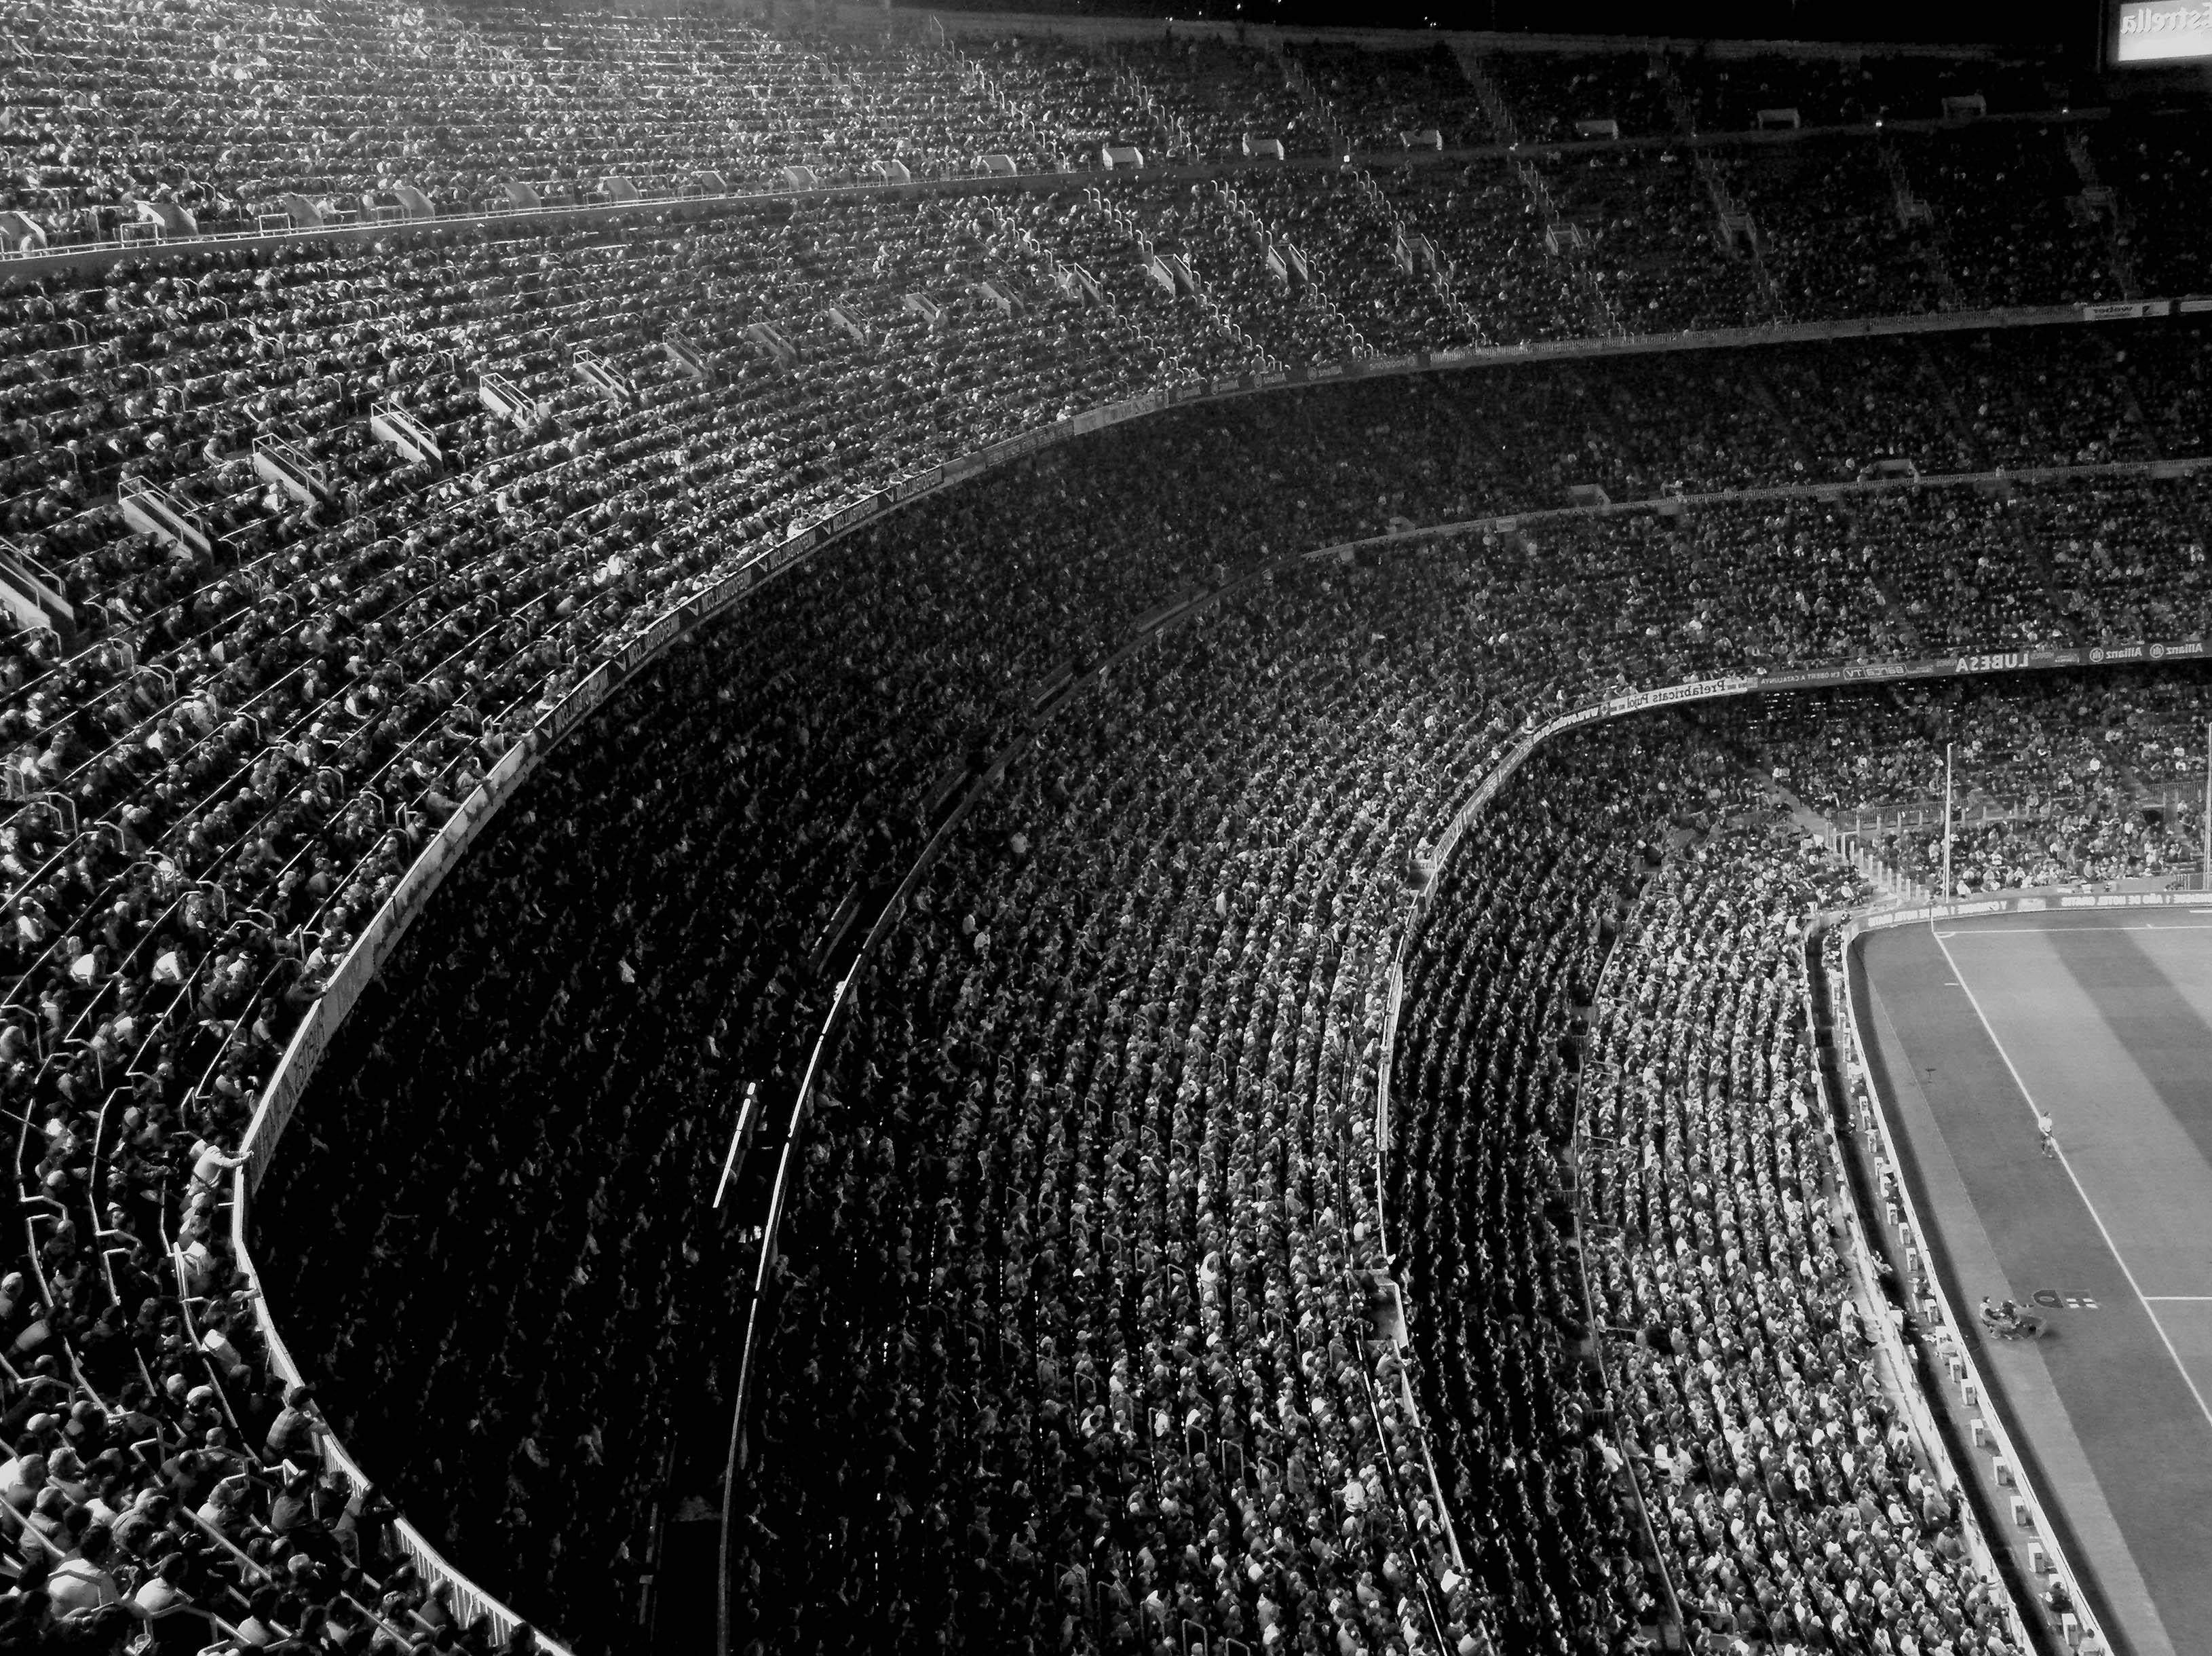 HDoboi.Kiev.ua - Футбольный стадион, черно белые обои на телефон высокого